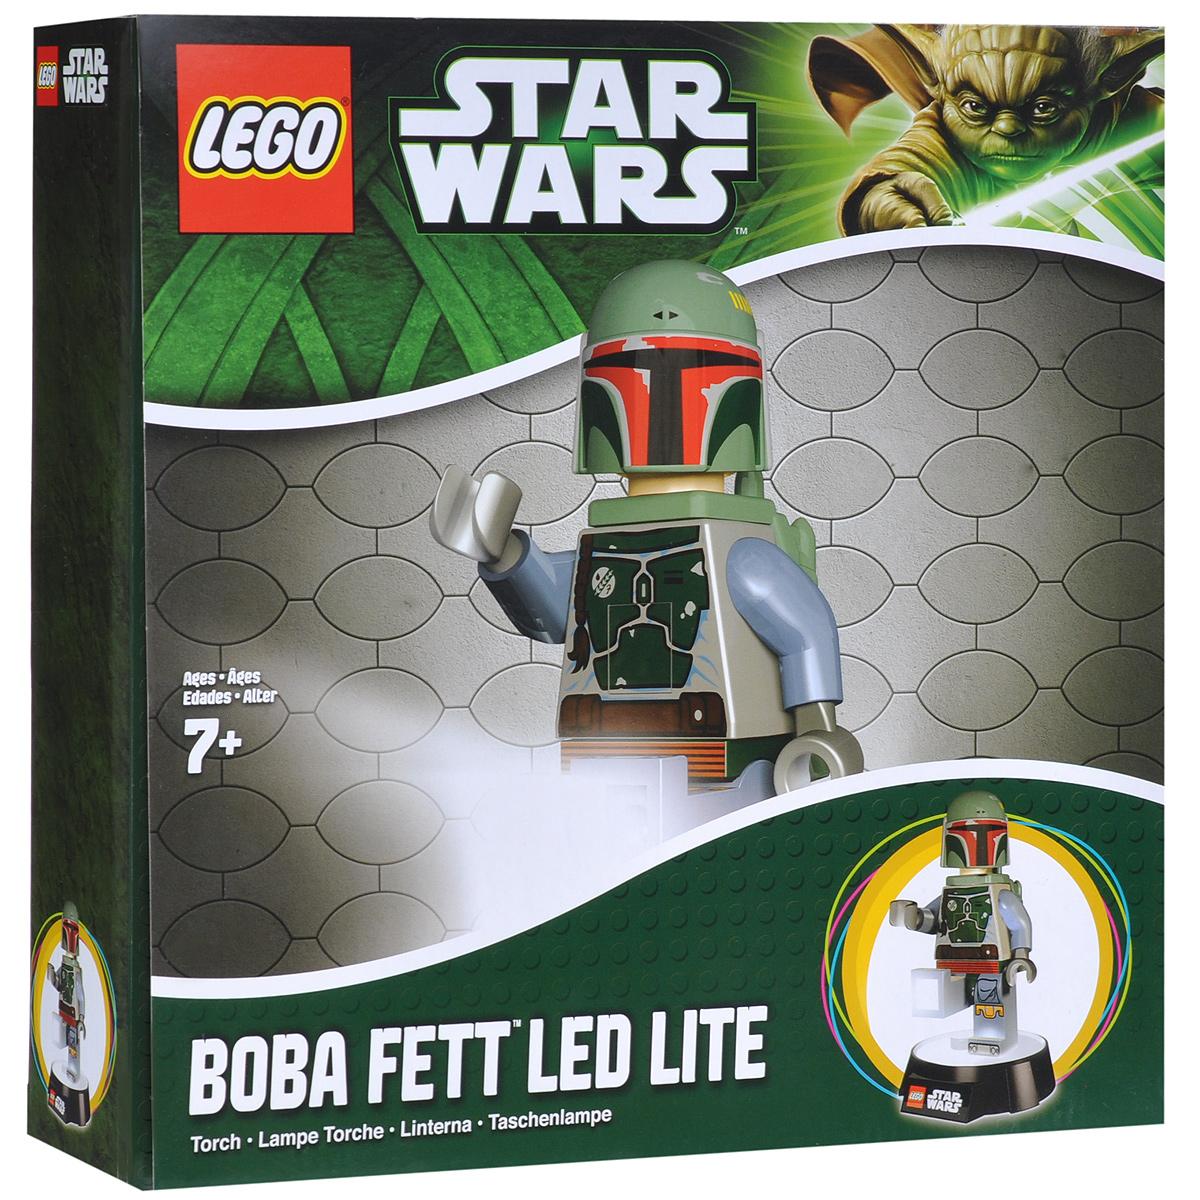 LEGO: Фонарик-ночник Star Wars: Boba Fett LGL-TOB8LGL-TOB8Фонарик-ночник LEGO Star Wars Boba Fett - обязательный атрибут детской комнаты. Его мягкий свет успокаивающе действует на малышей, которые боятся темноты, не напрягая детские глазки и не создавая излишнего светового излучения. При этом его света достаточно, чтобы легко ориентироваться в темноте. Ночник выполнен в виде фигурки героя фильма Звездные Войны Бобы Фетта с реактивным ранцем за спиной.Ночник автоматически отключается через 30 минут. Фигурка снимается со светящейся базы, благодаря чему ее можно использовать как фонарик. Включается нажатием кнопки на груди.Фигурка питается от 3 батареек АА.